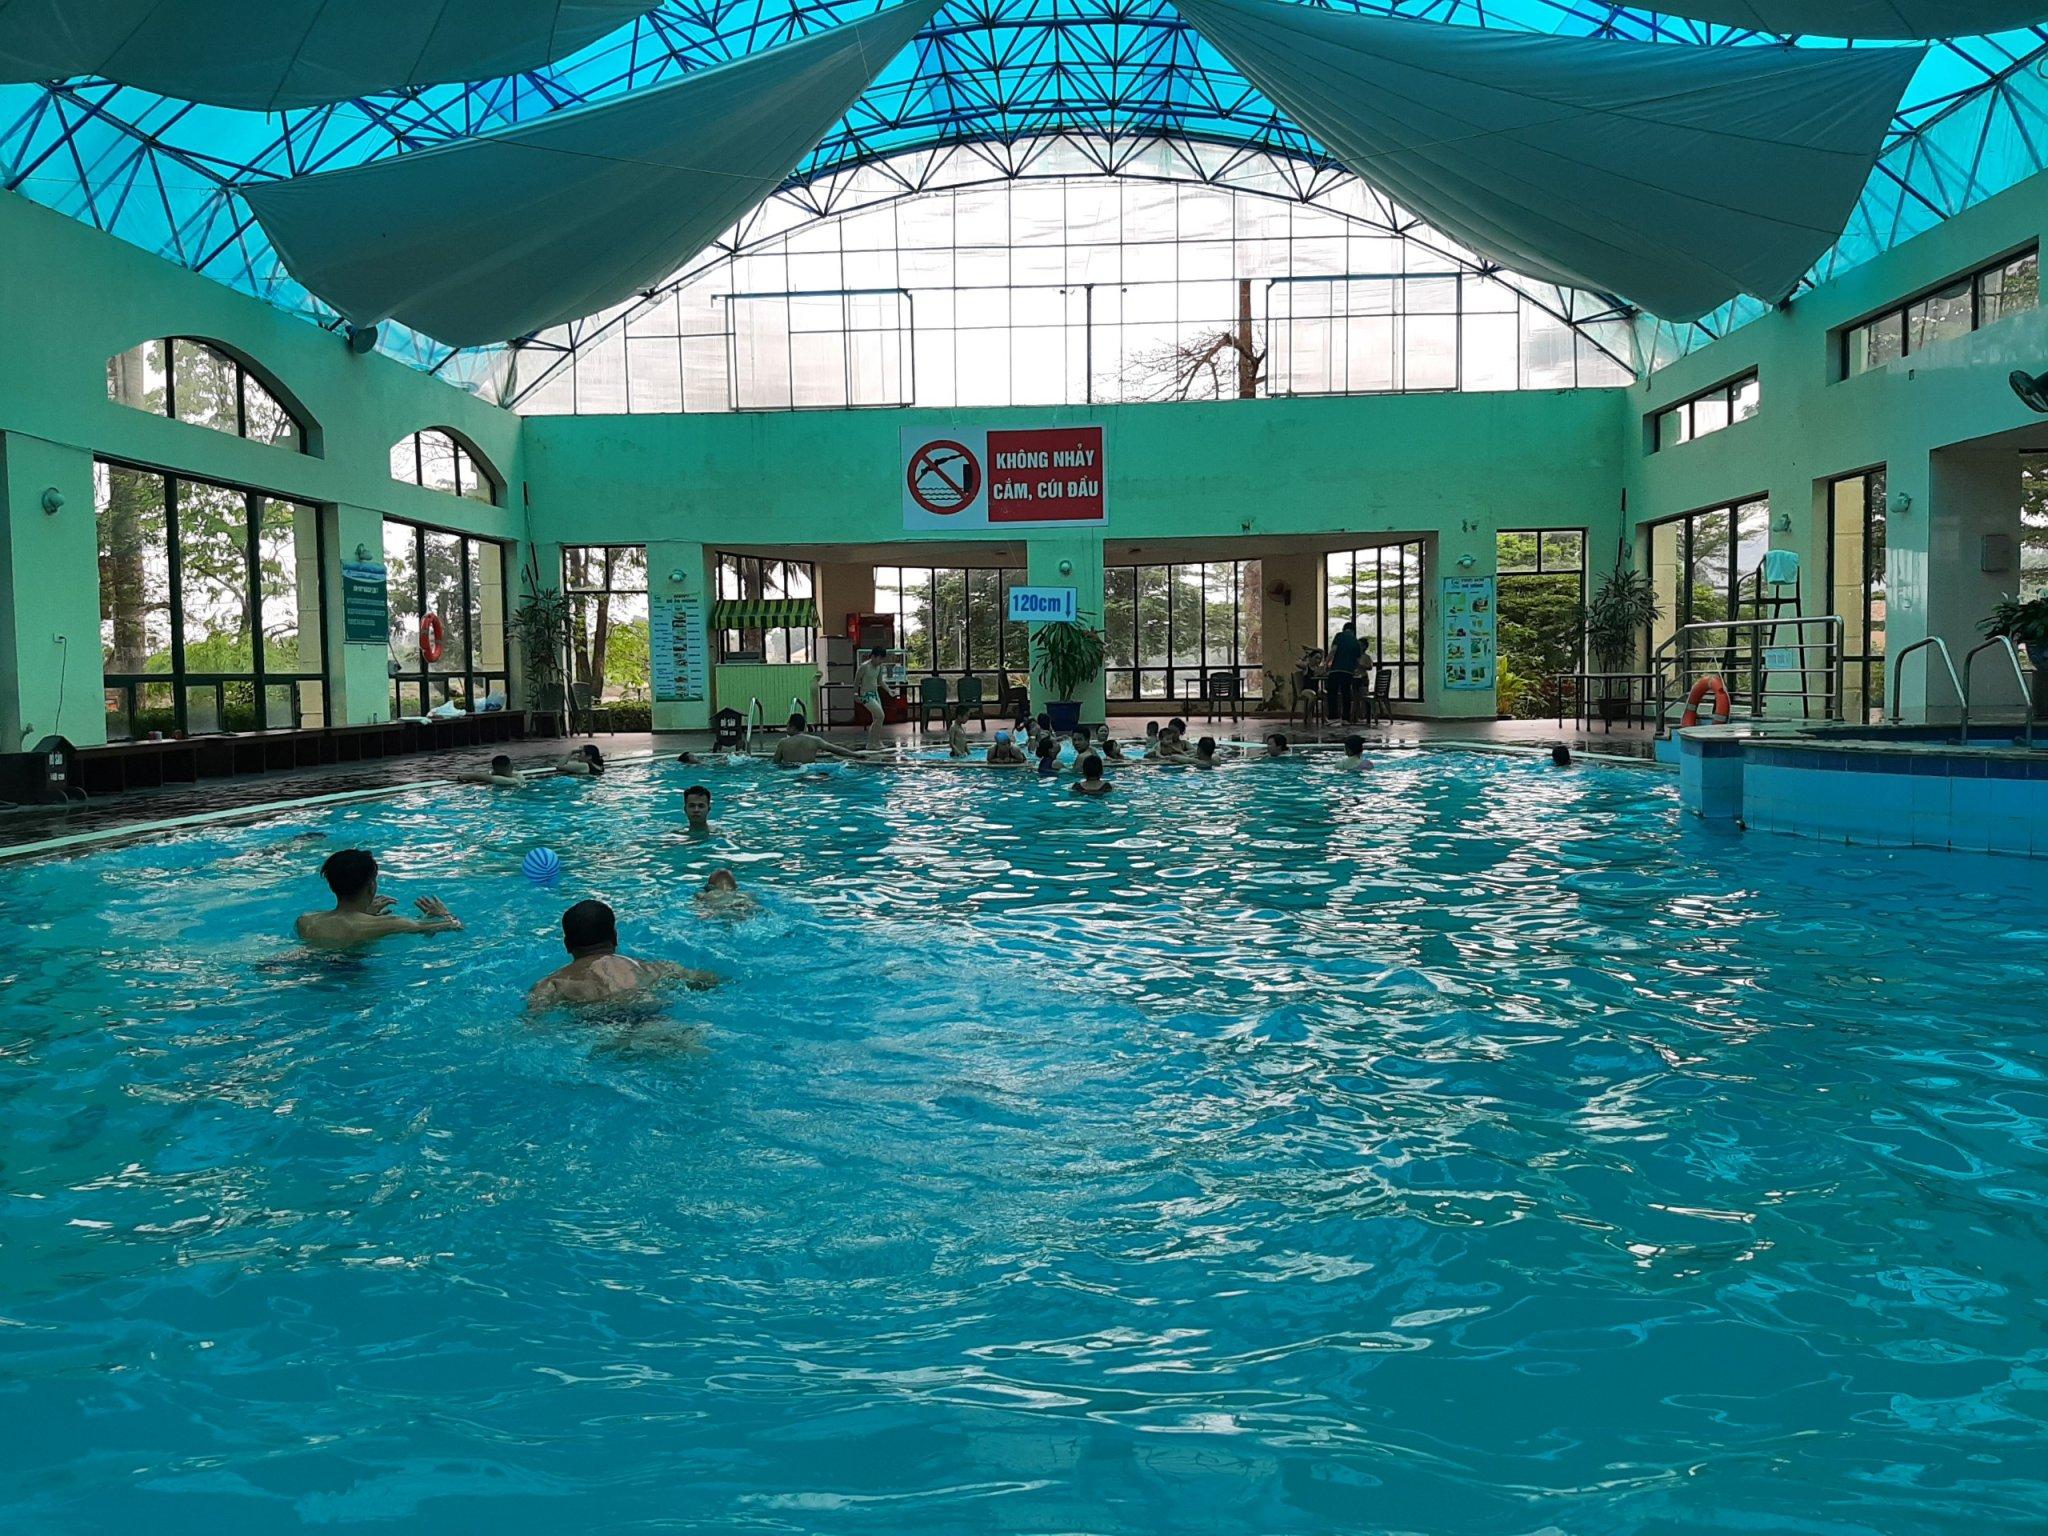 tan-da-resort nước nóng gần Hà Nội